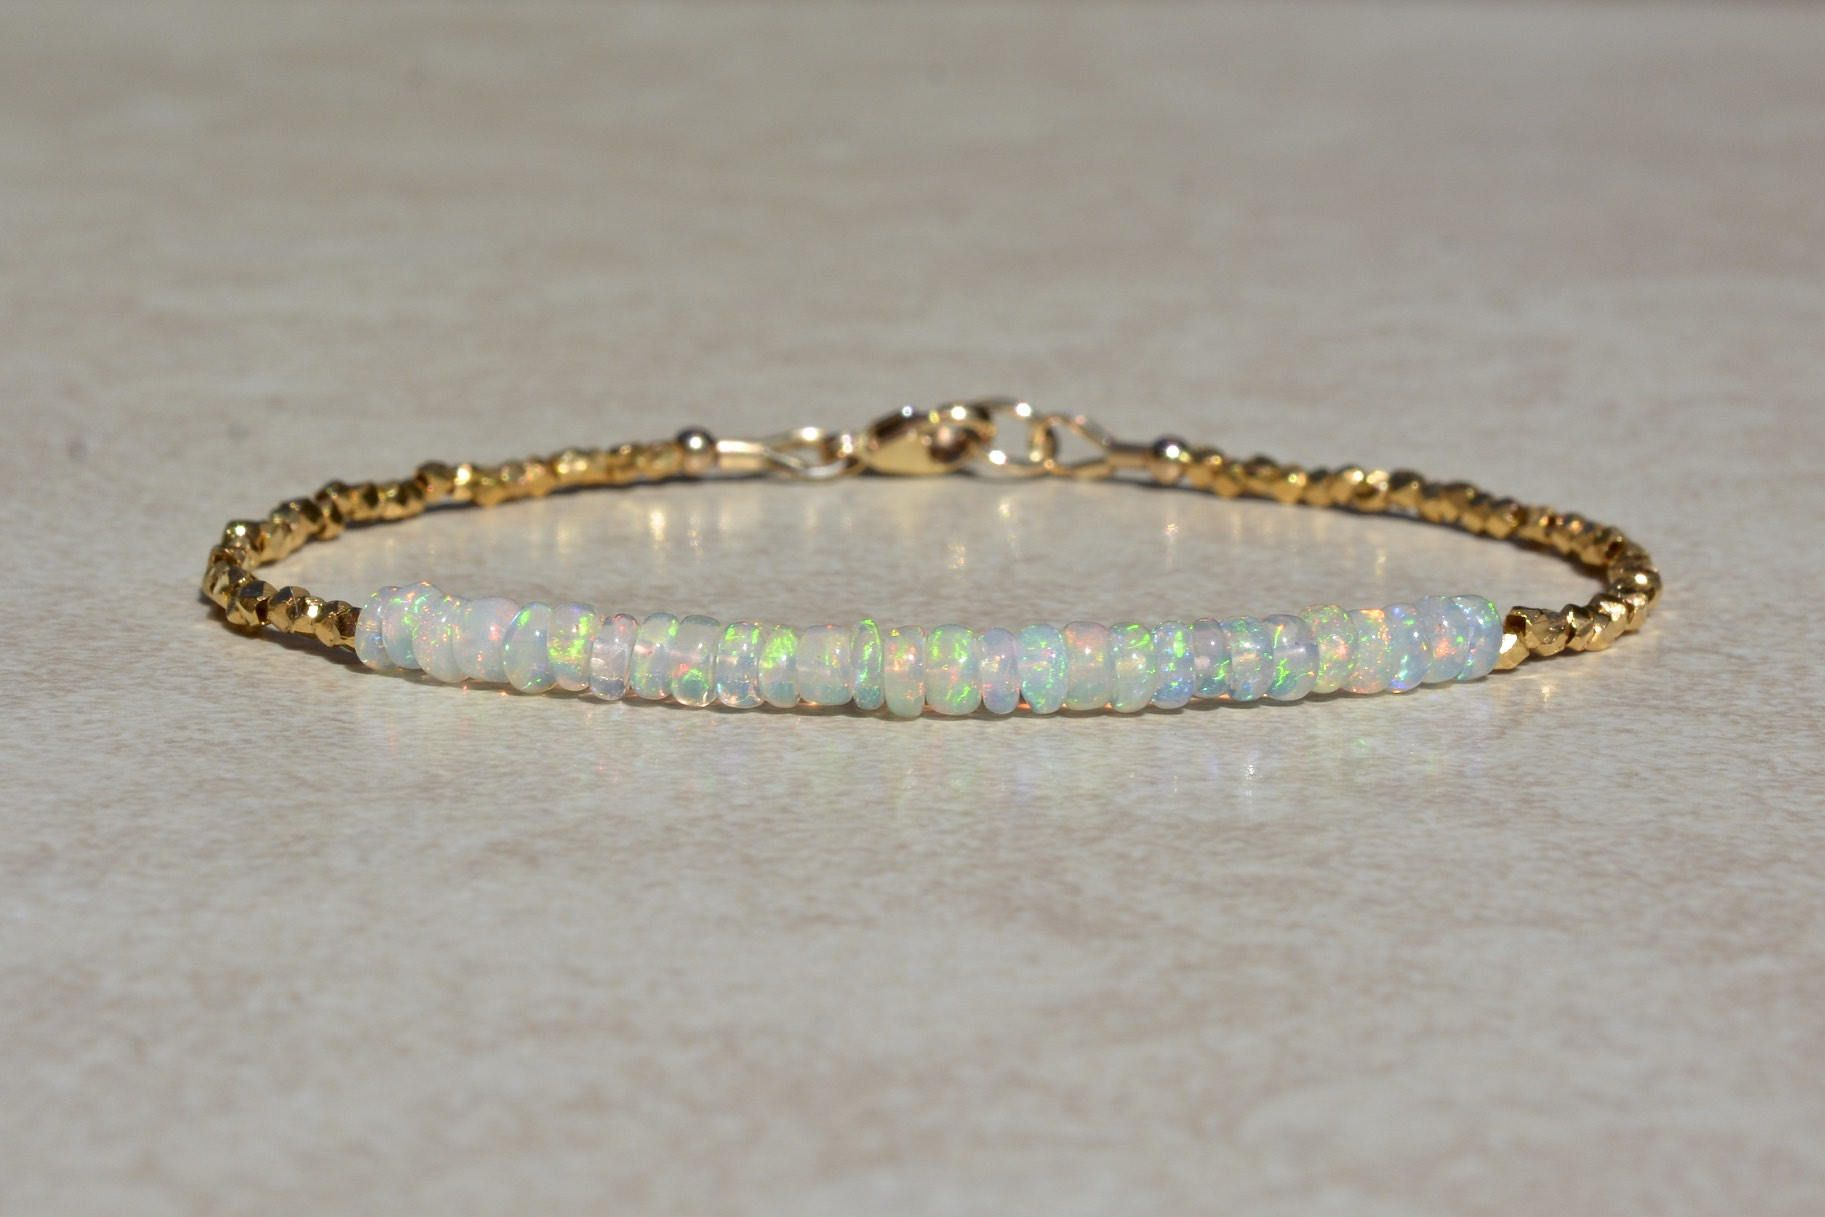 opal gold bracelet tiny opal bracelet opal jewelry minimal bracelet beaded bracelet opal bead bracelet Opal bracelet